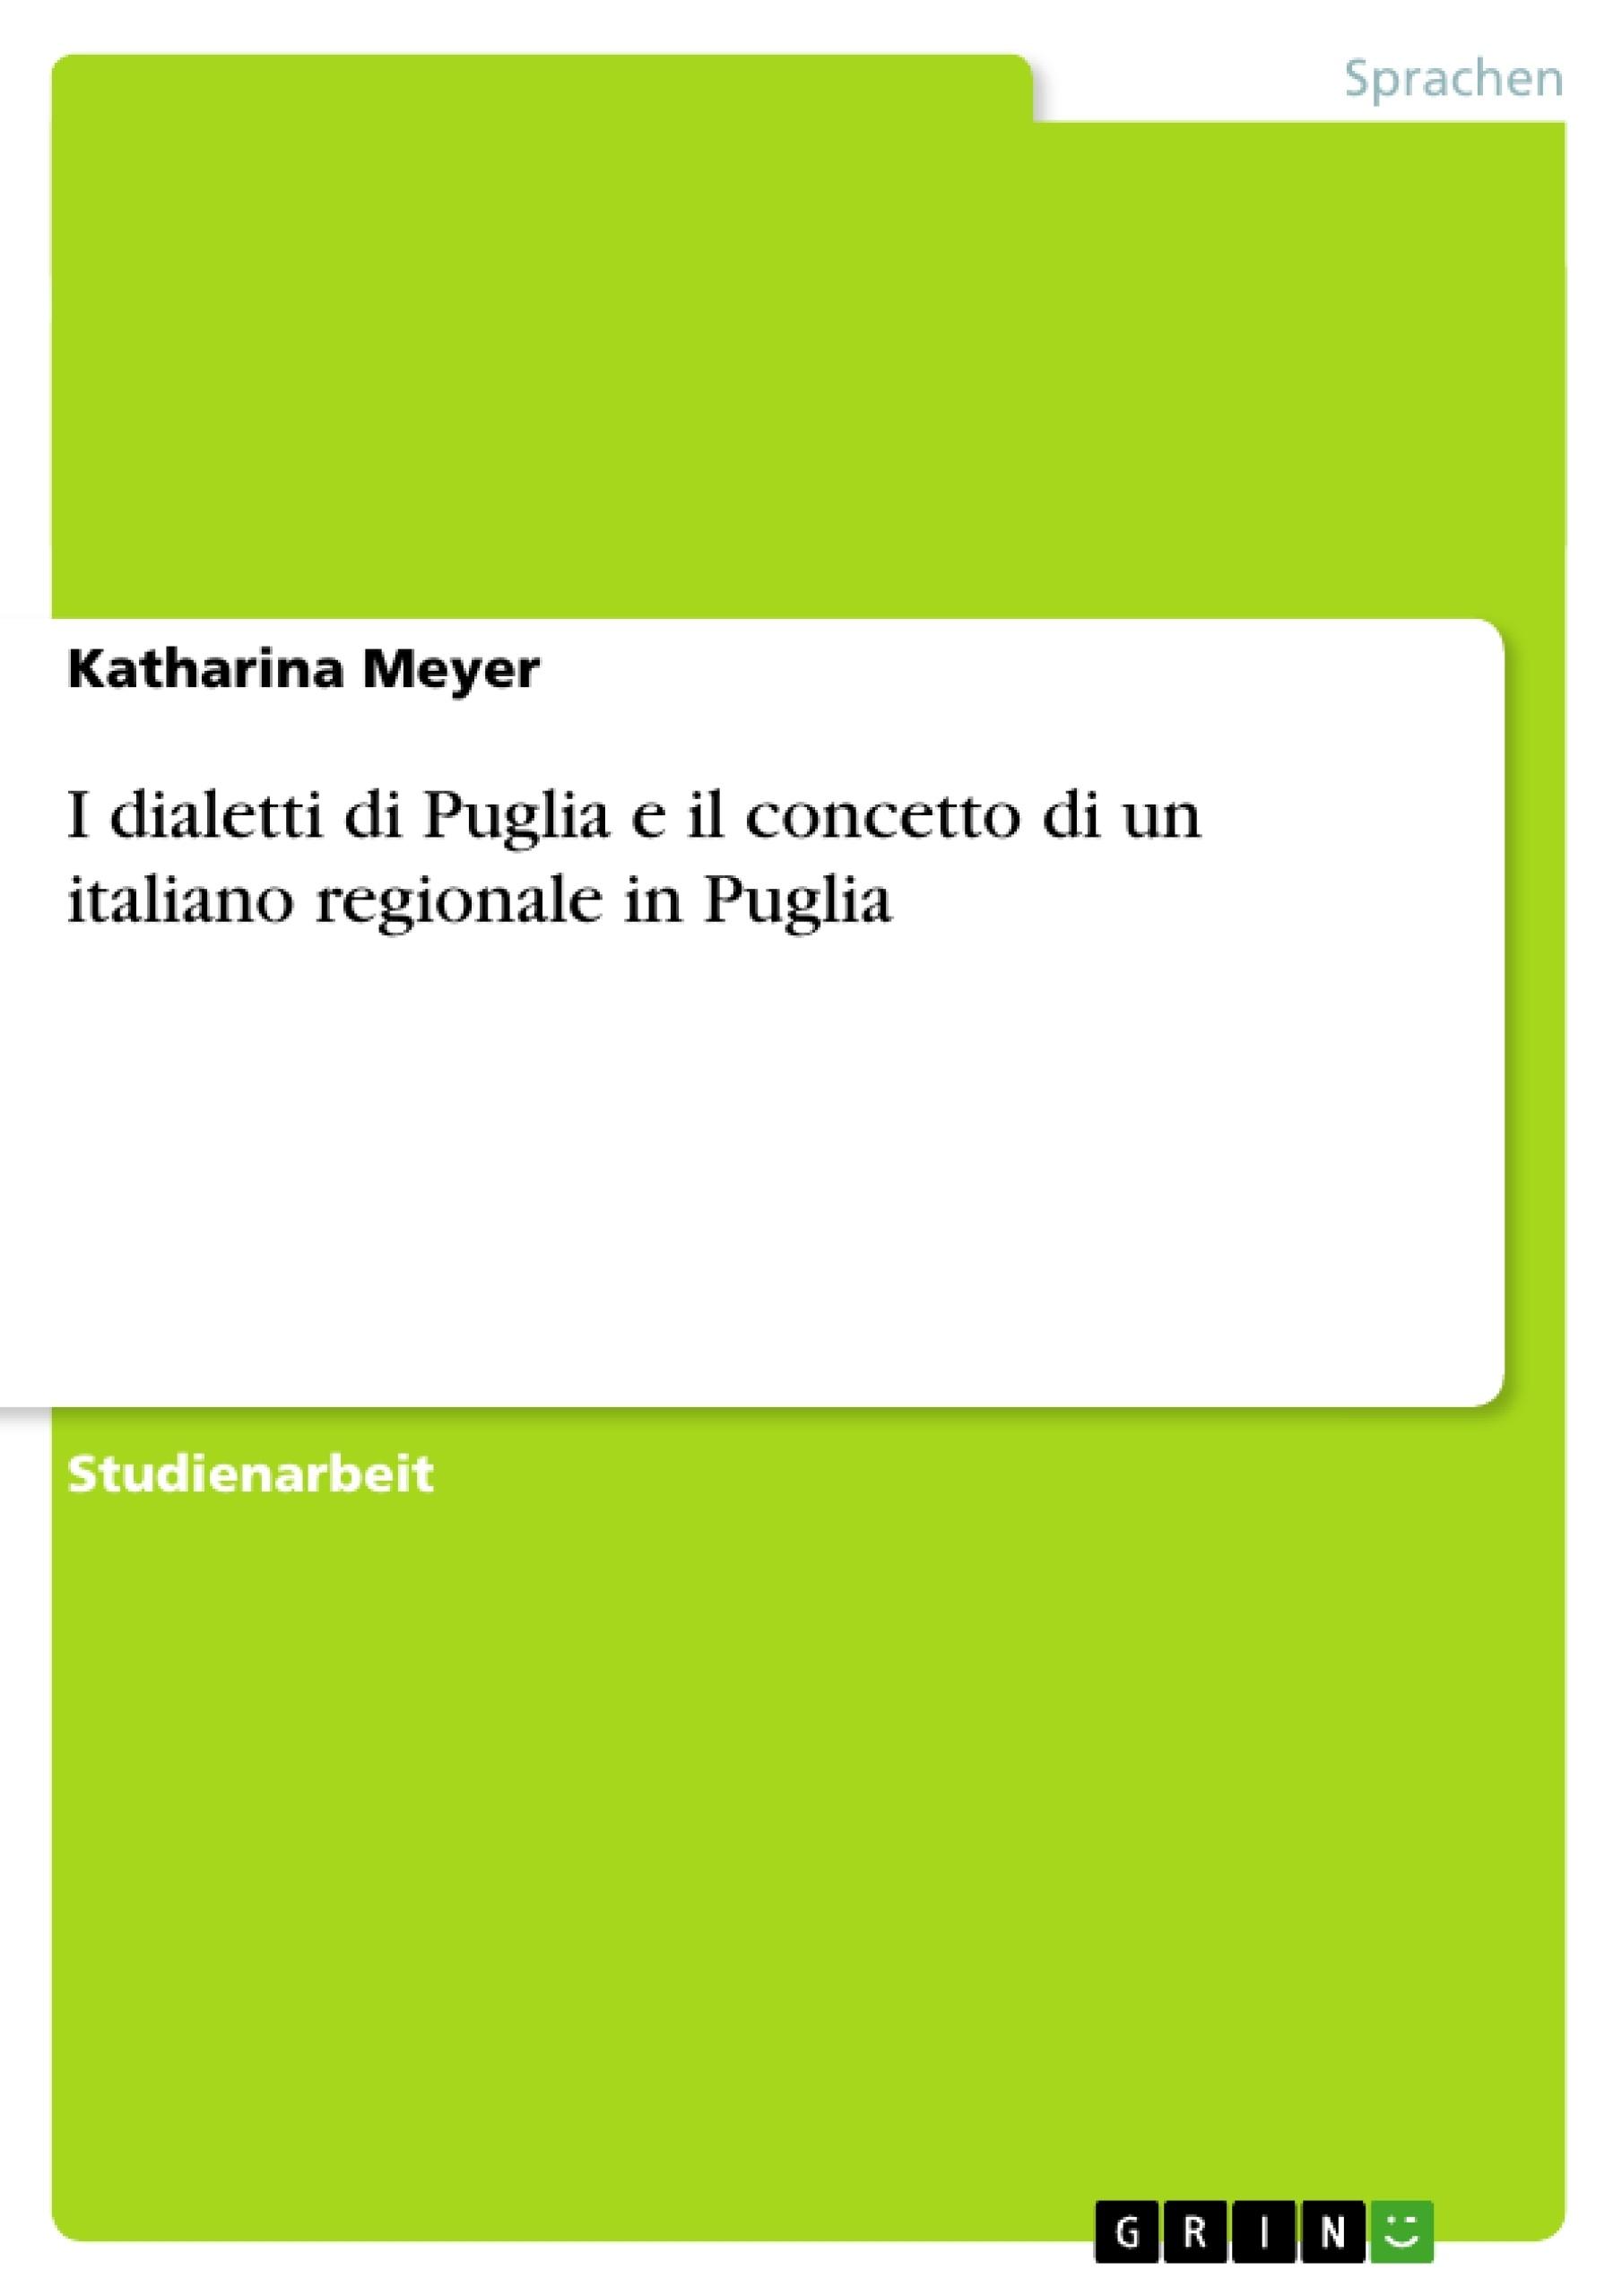 Titel: I dialetti di Puglia e il concetto di un italiano regionale in Puglia